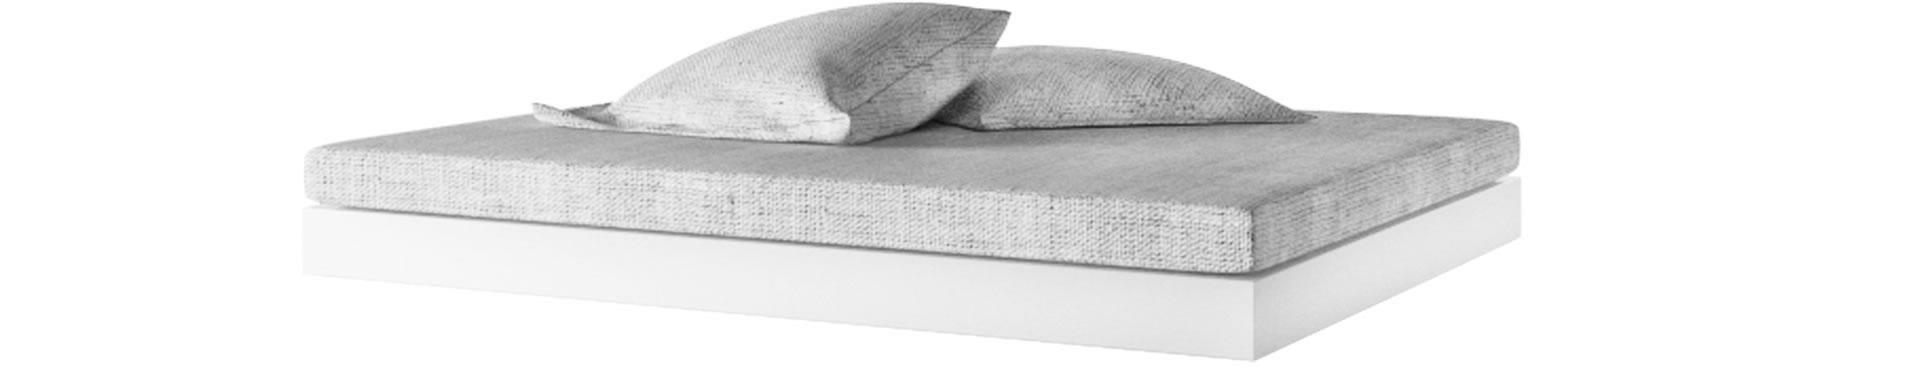 bett puristisch stunning hochmodern wei puristisch holen sie sich helligkeit in ihr with bett. Black Bedroom Furniture Sets. Home Design Ideas